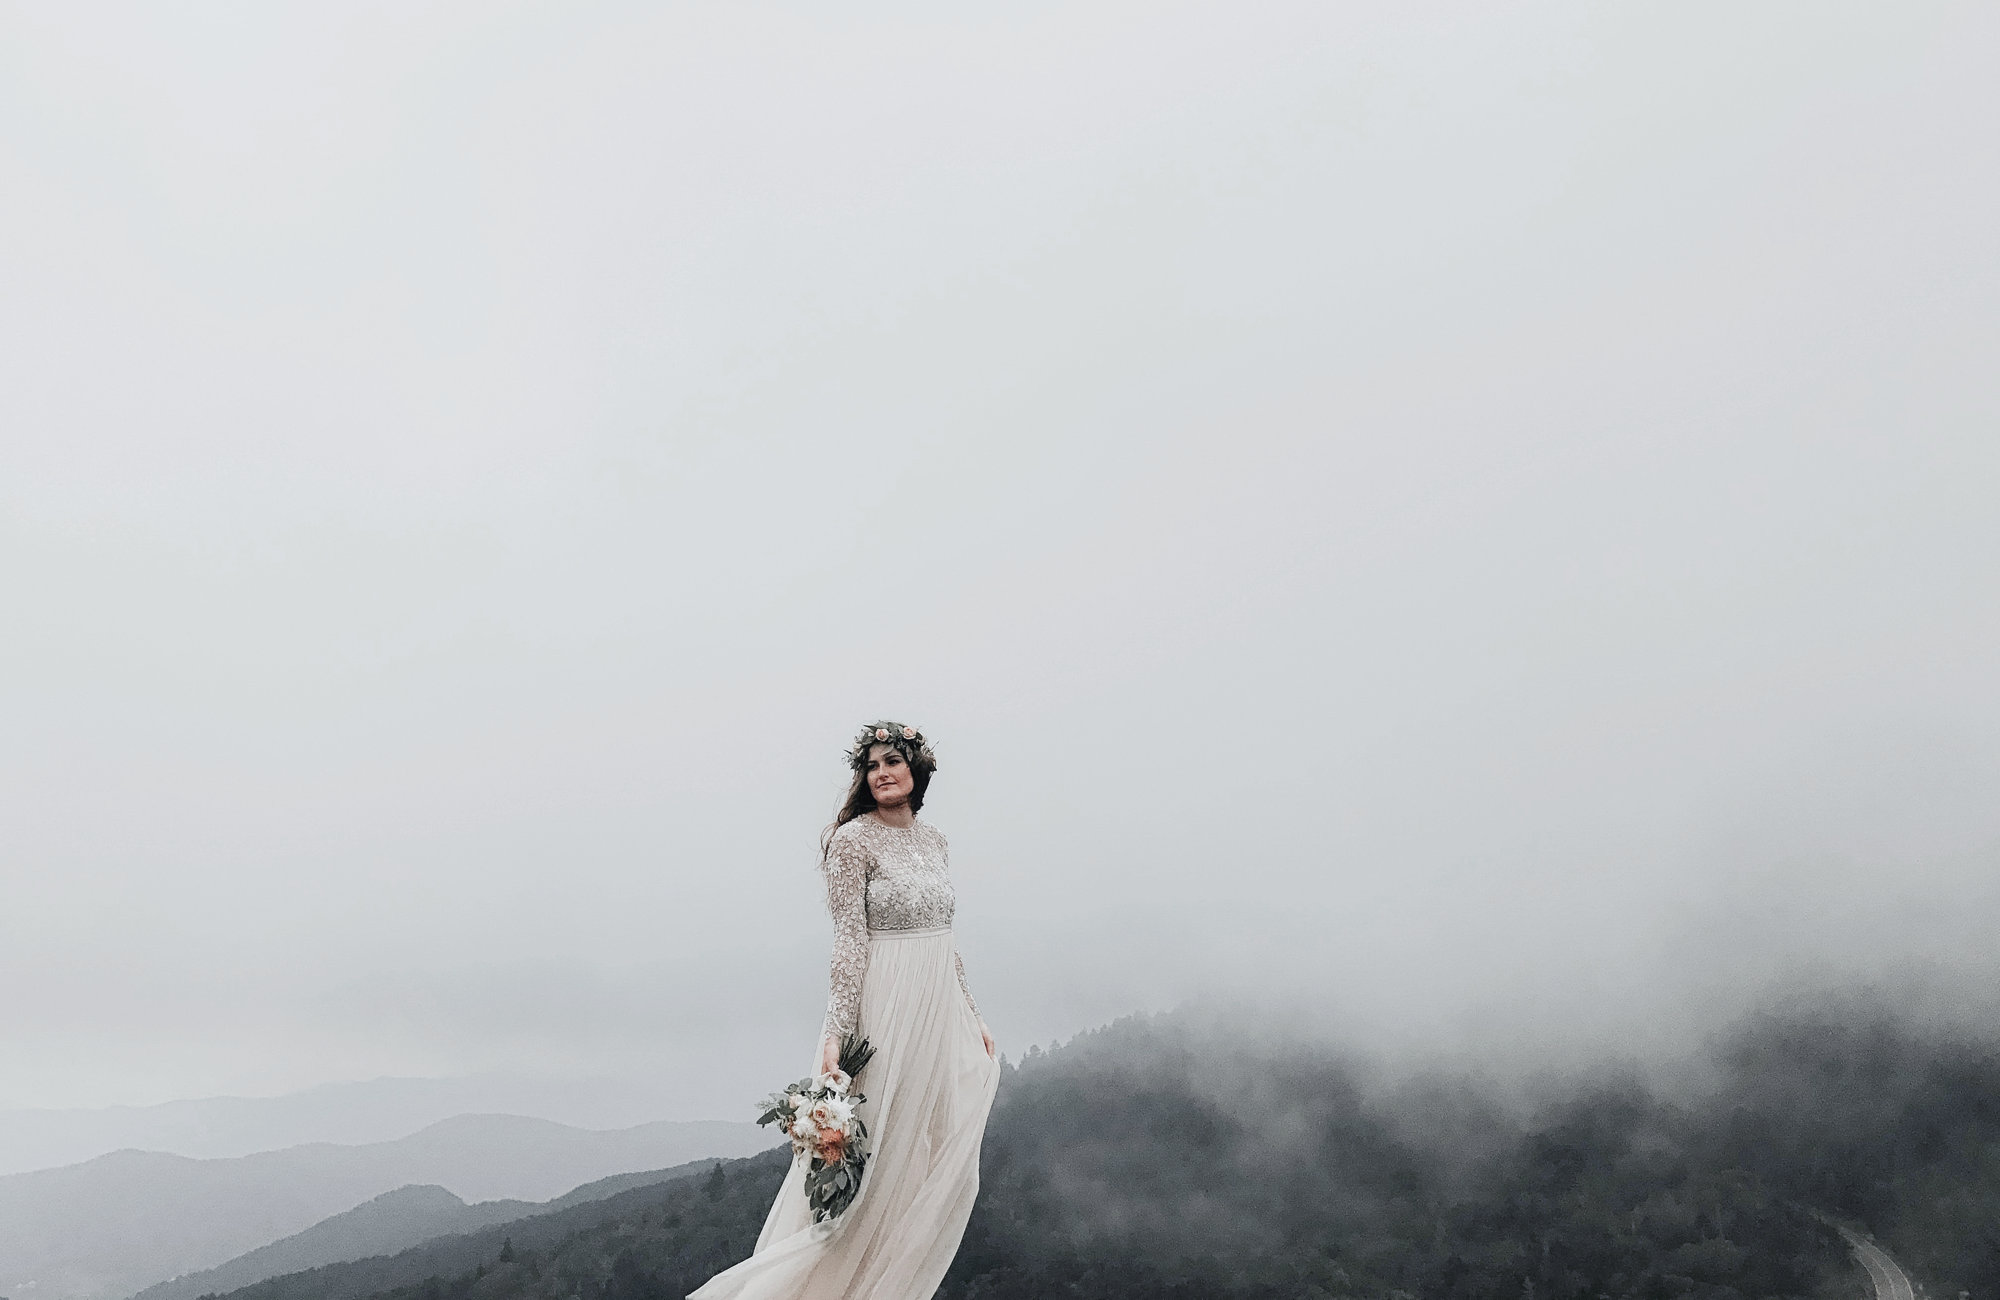 Braut bei Nebel in den Bergen, Heiraten in den Bergen, Standesamtlich Heiraten in den Bergen, Almhochzeit, Hochzeit in den Bergen